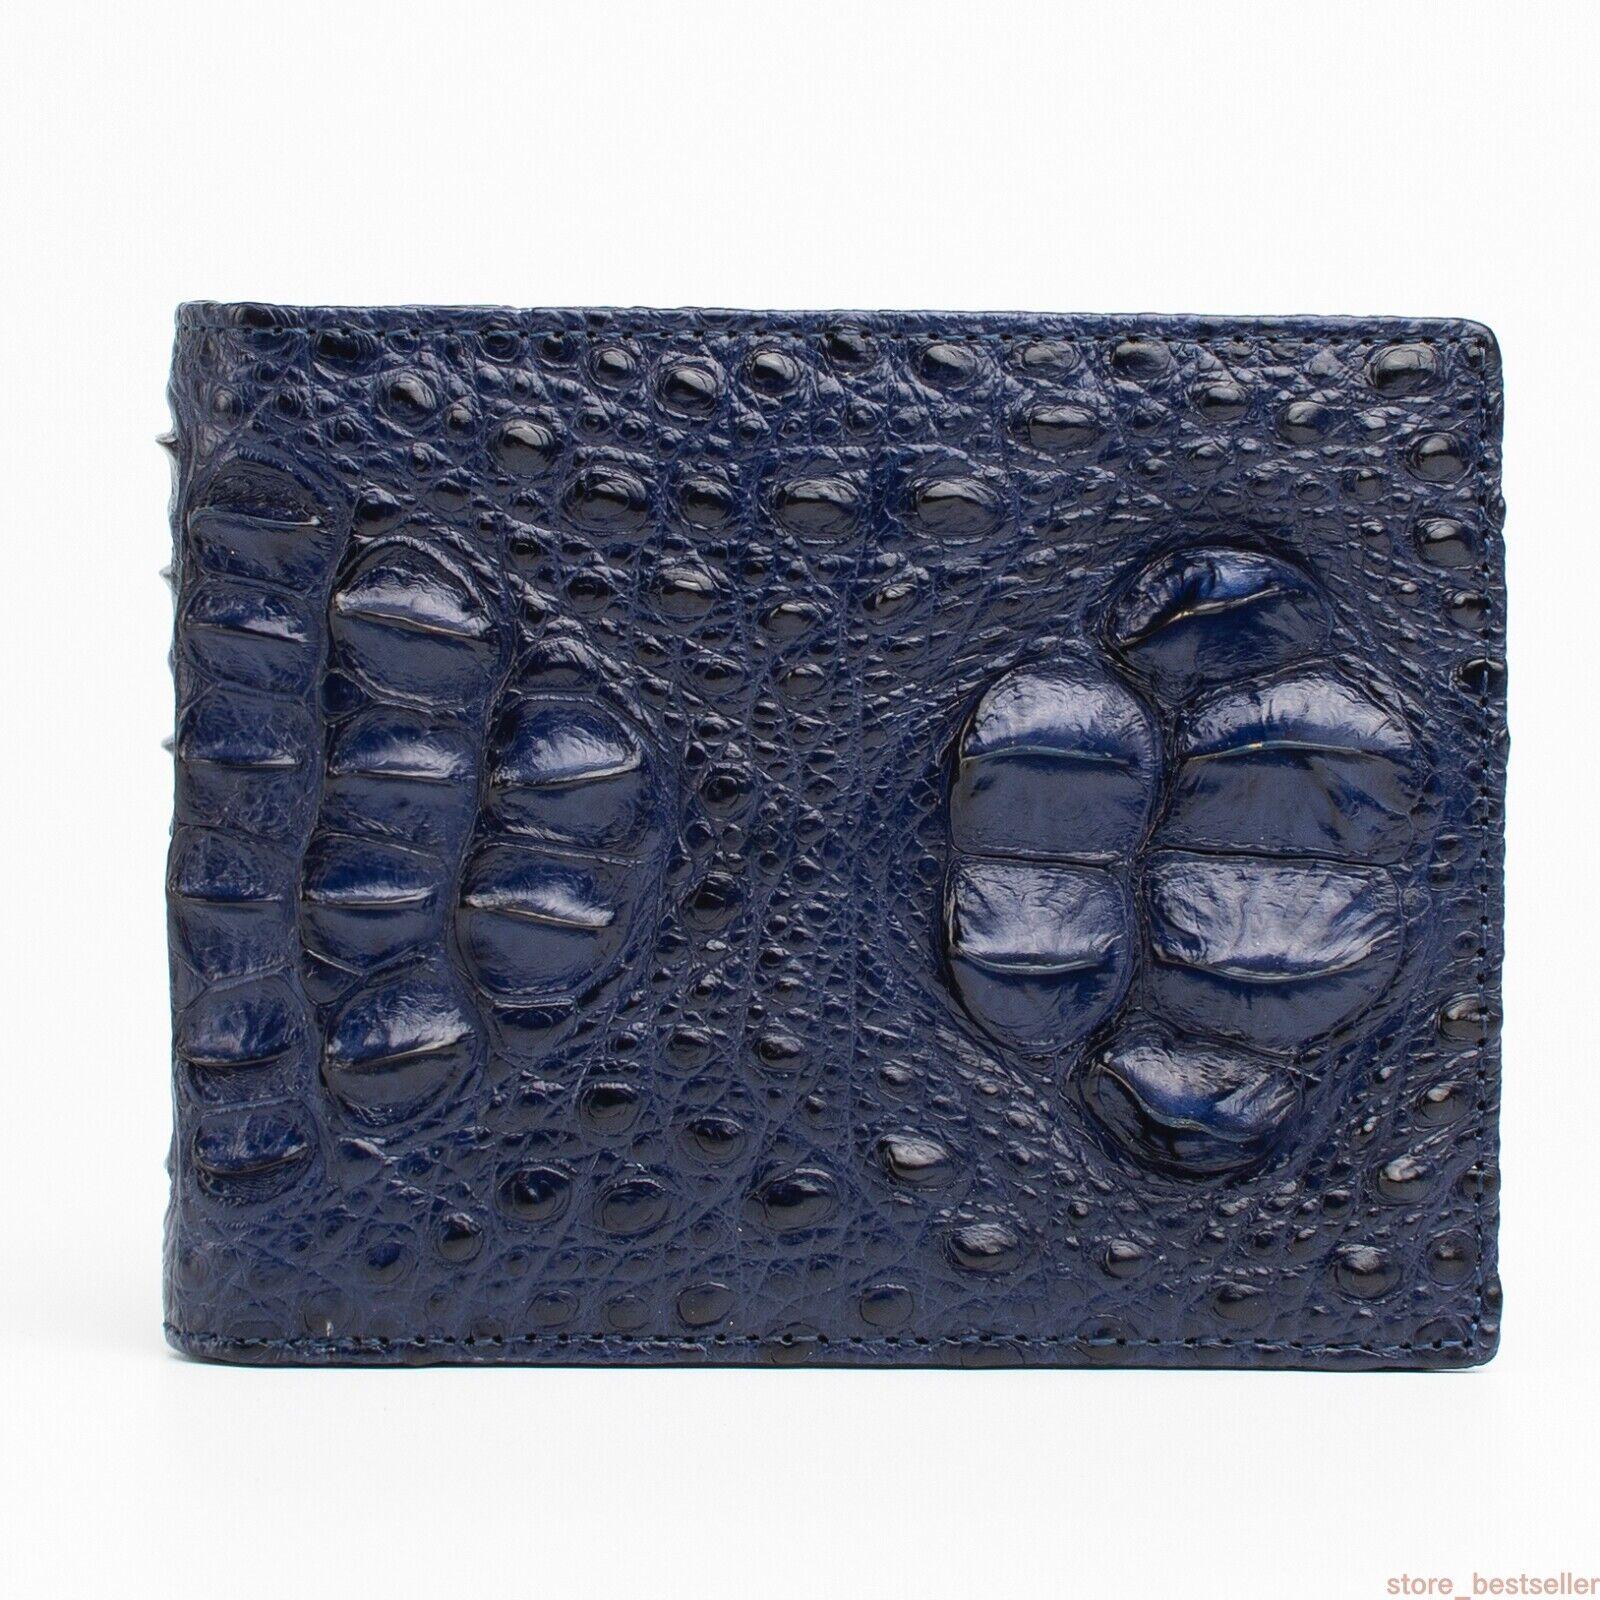 Alligator Crocodile Leather Skin Men's Bifold Wallet DOUBLE SIDE Dark Blue #0603